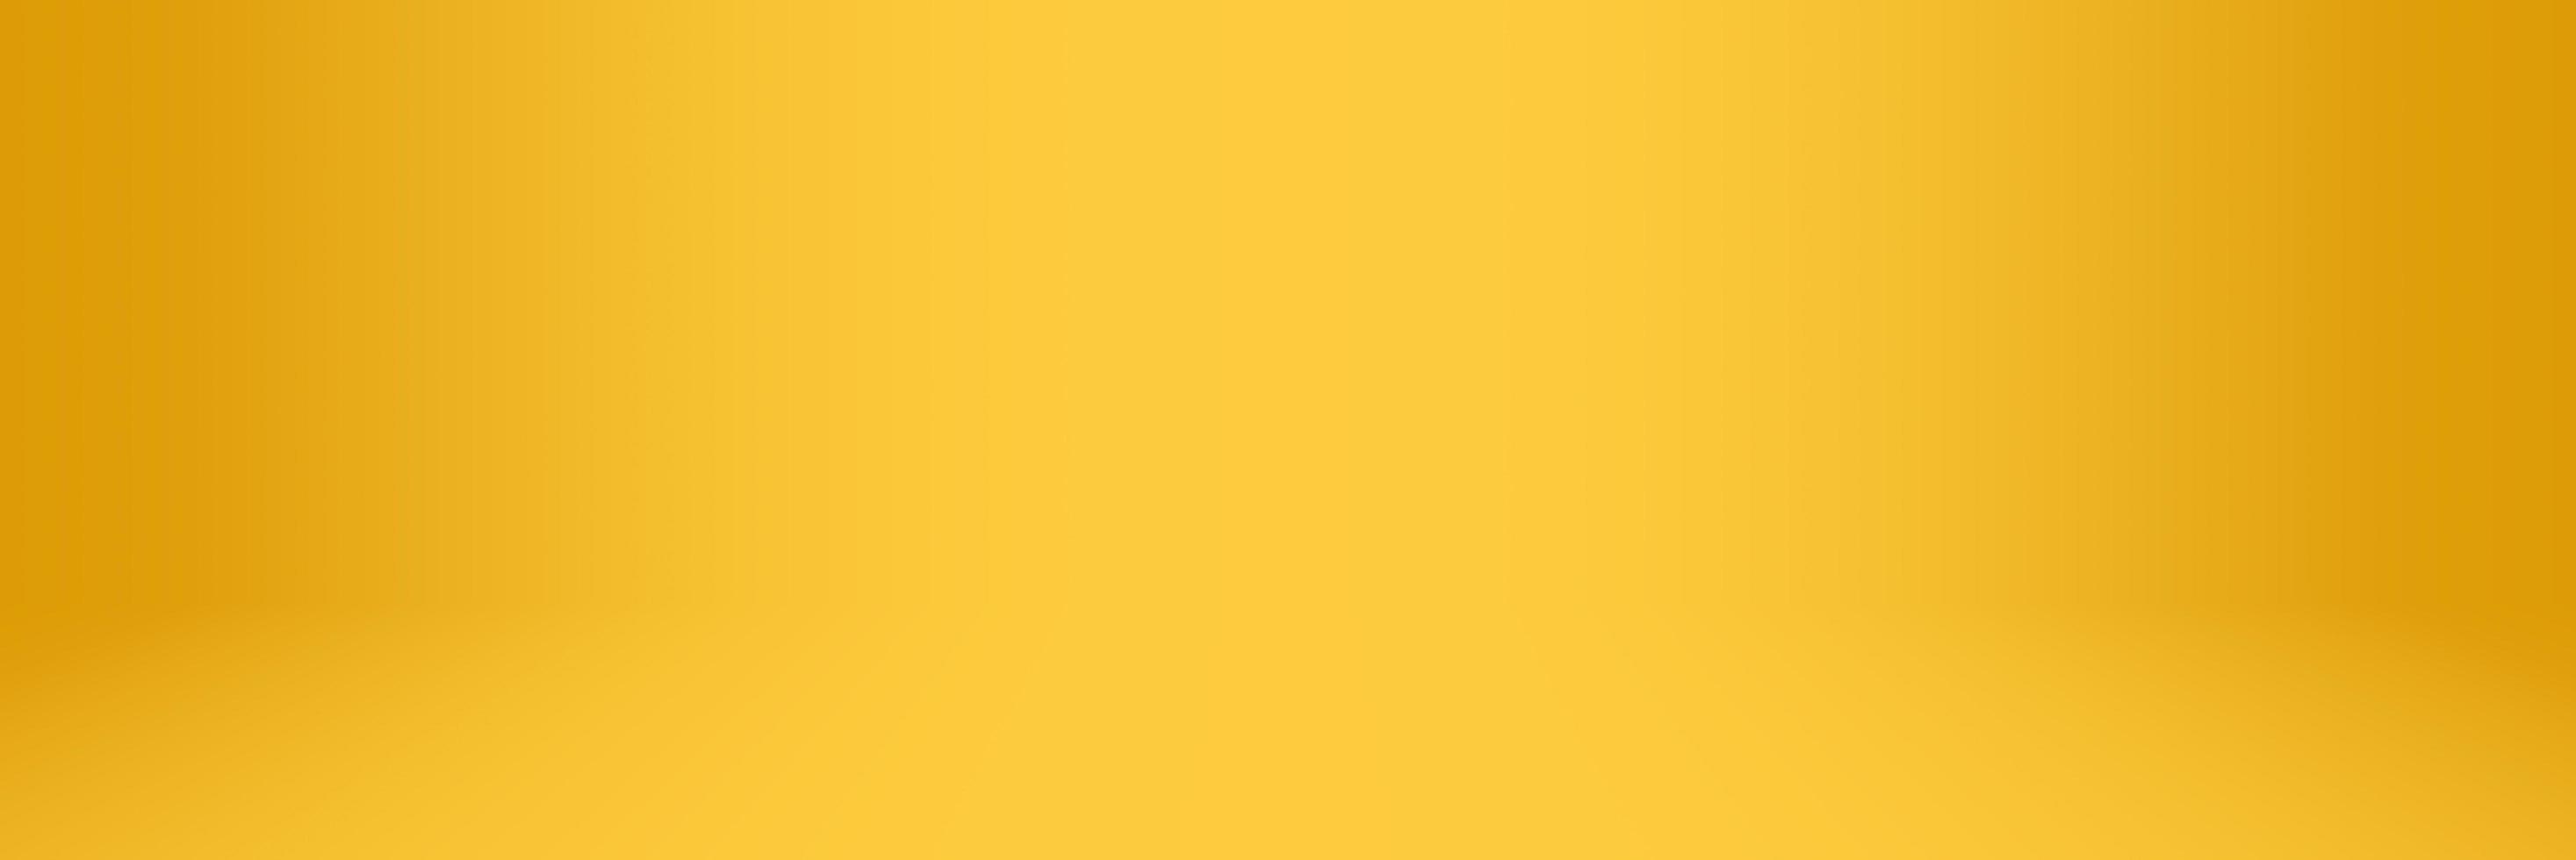 gul och orange mjuk tonad abstrakt studio och showroom bakgrund foto